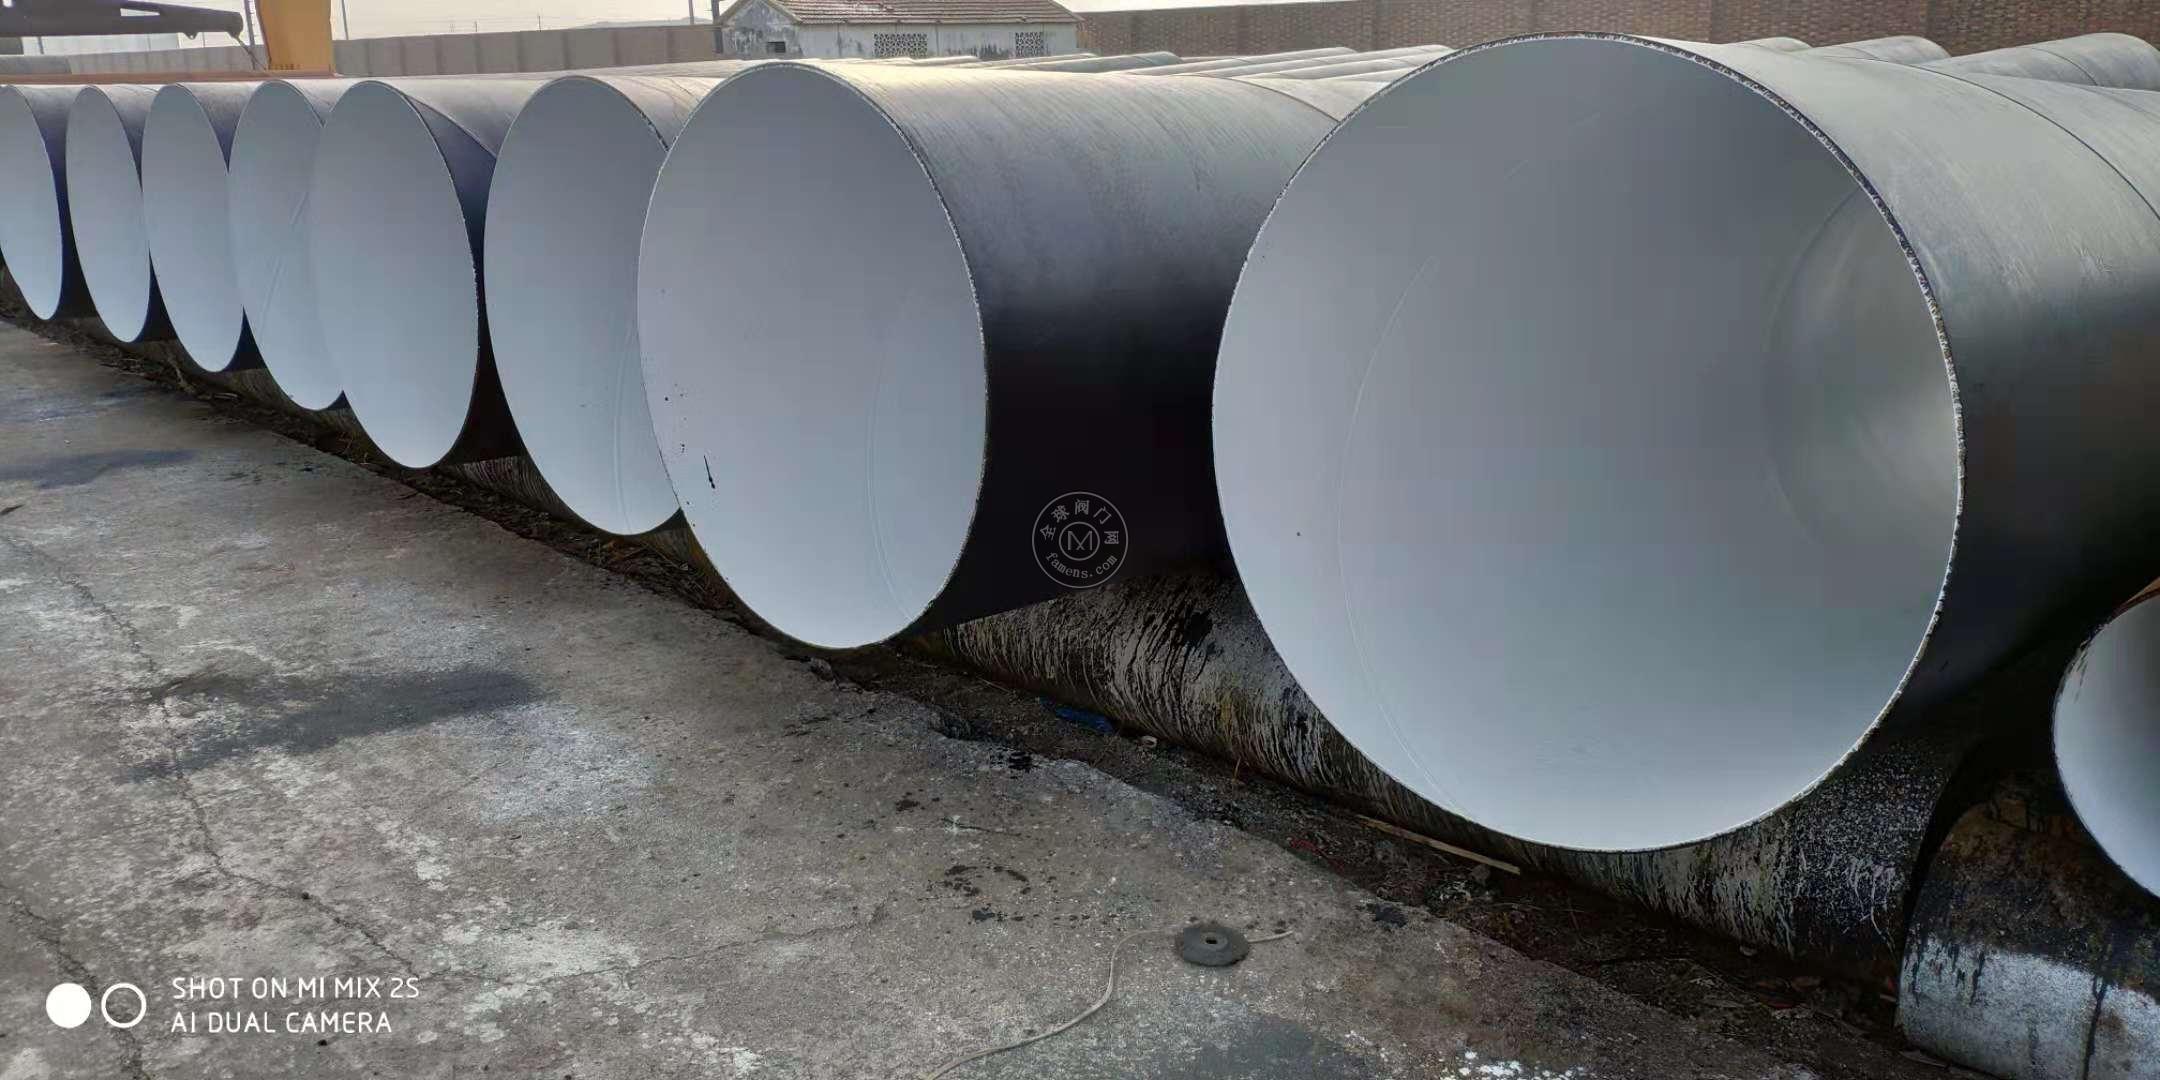 大口径螺旋管饮水防腐管道 ipn8710饮水防腐钢管